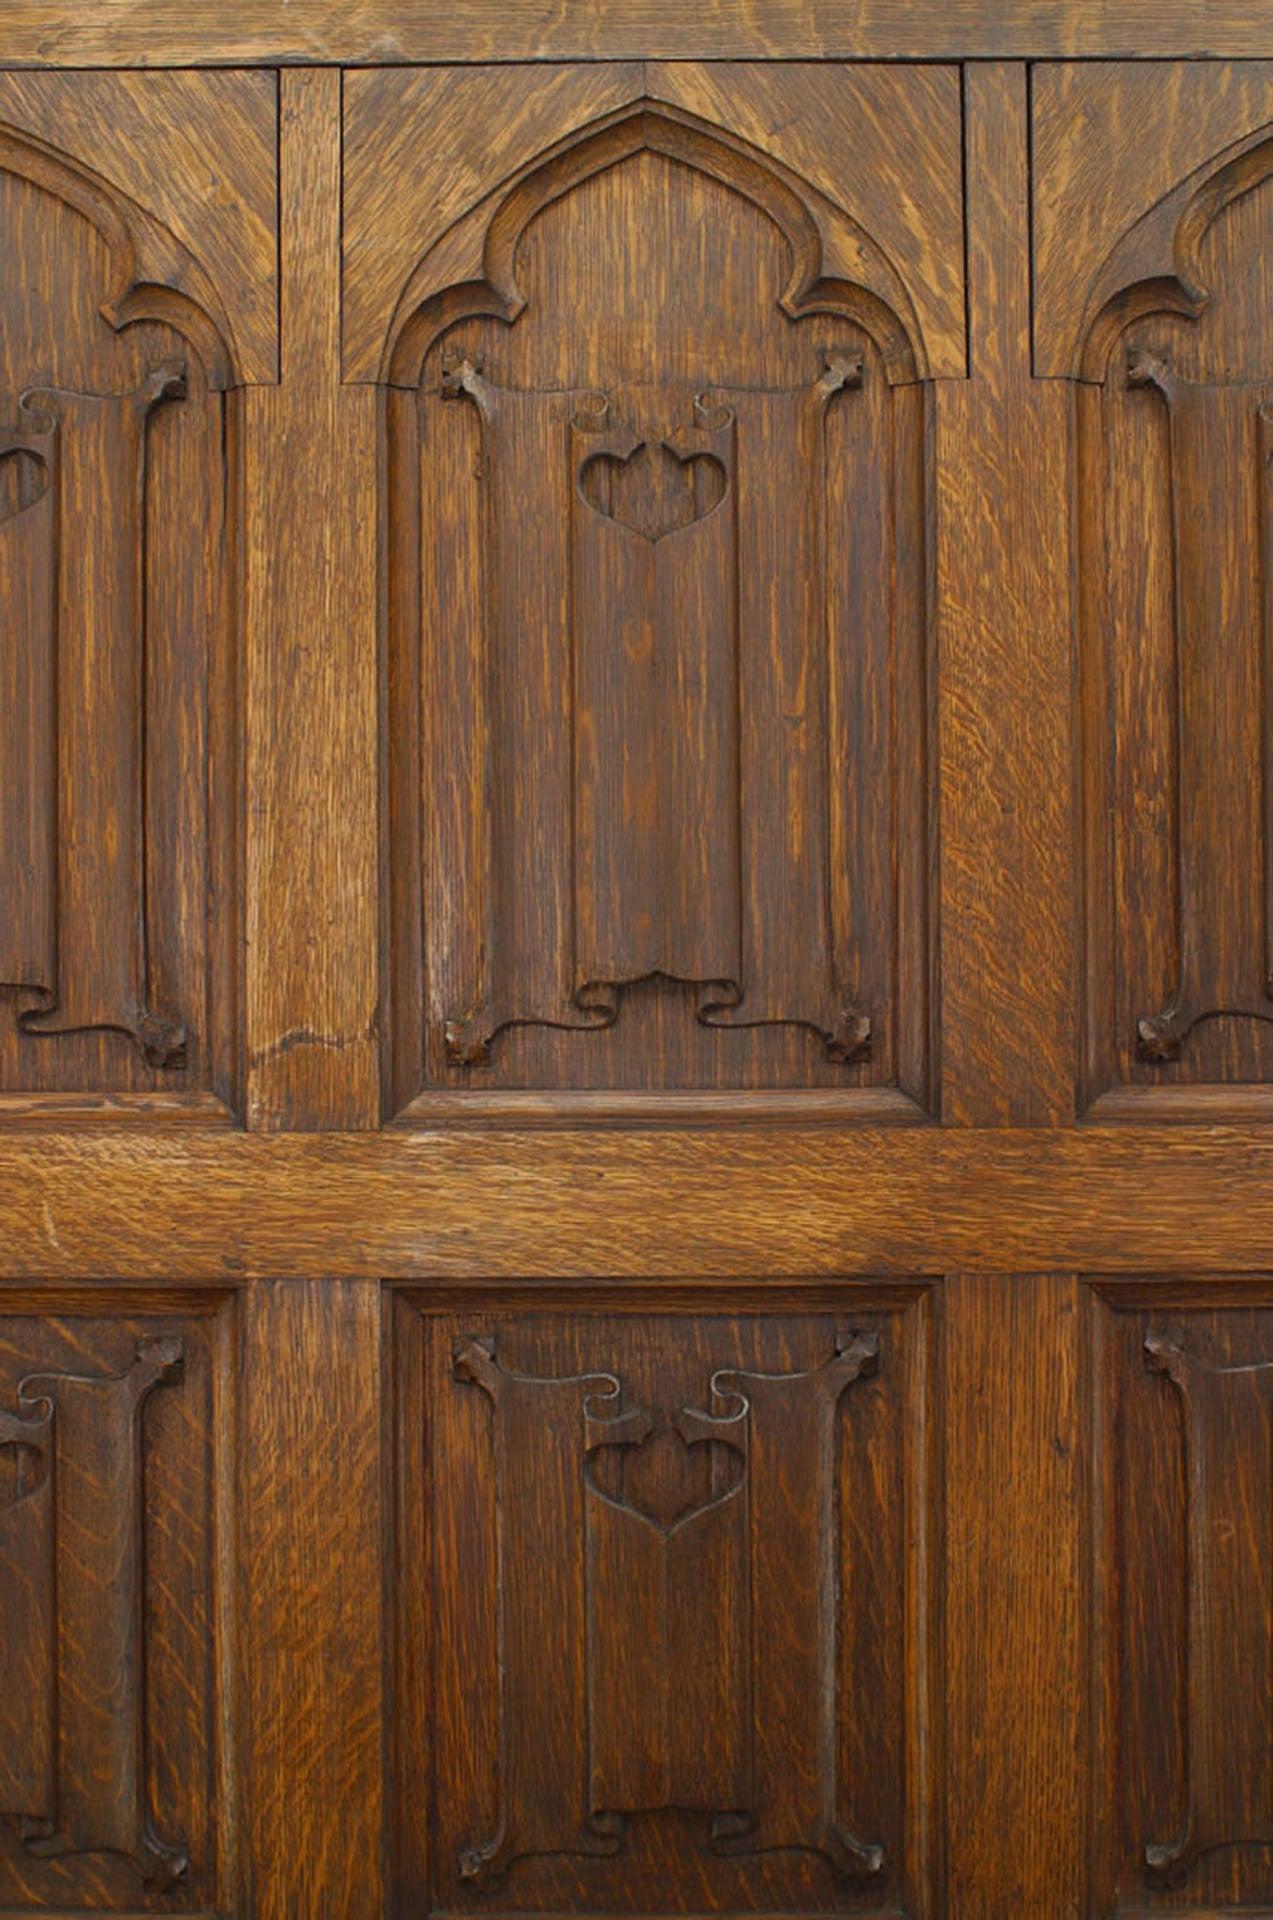 Gothic Revival Carved Oak Pocket Door Panels For Sale At 1stdibs